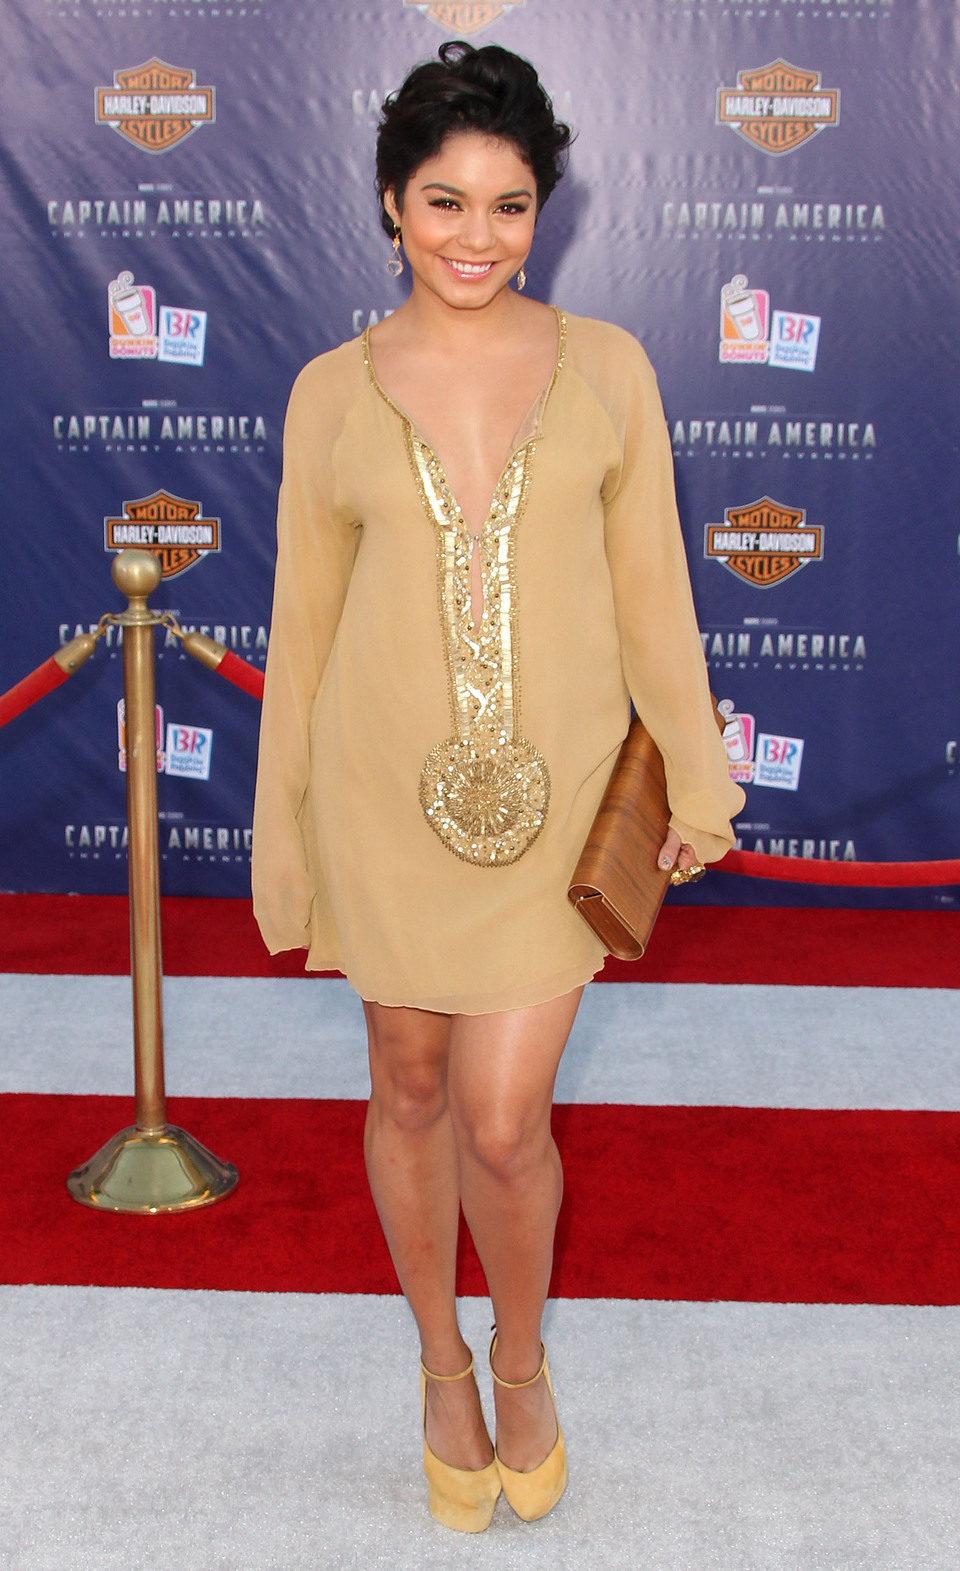 Vanessa Hudgens estrena peinado en la premiére de 'Capitán América'